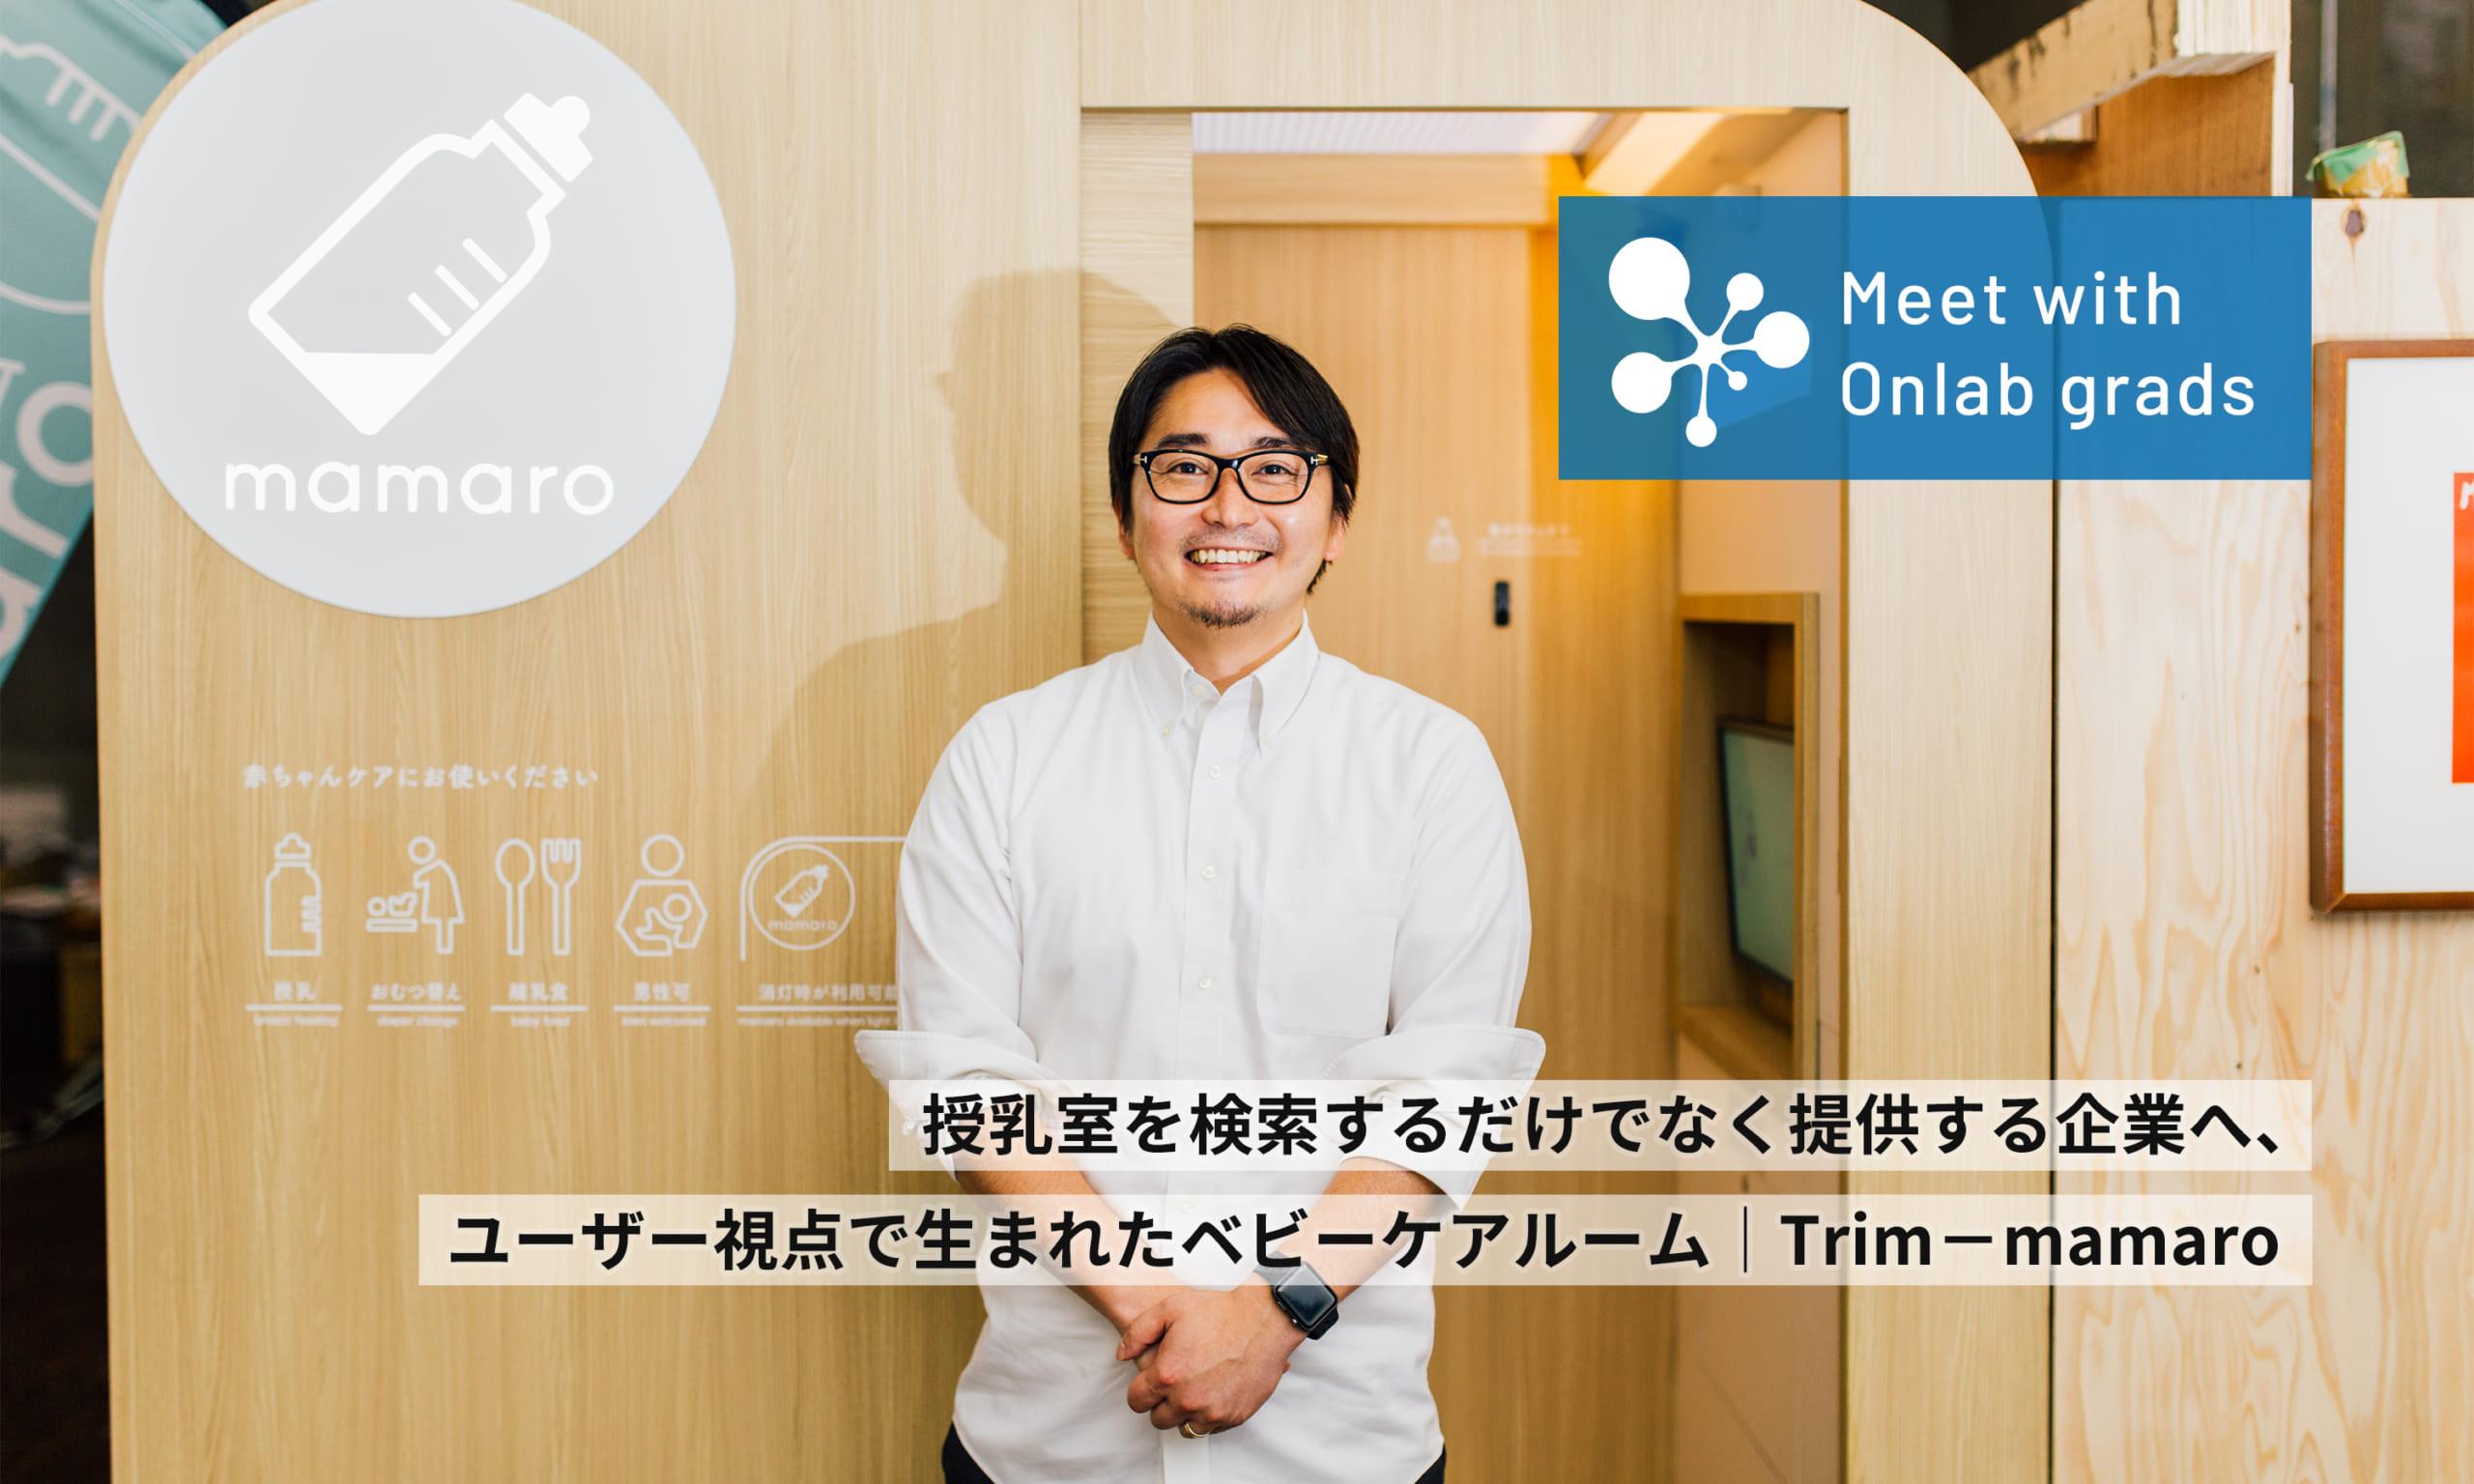 授乳室を検索するだけでなく提供する企業へ、ユーザー視点で生まれたベビーケアルーム│Trim-mamaro